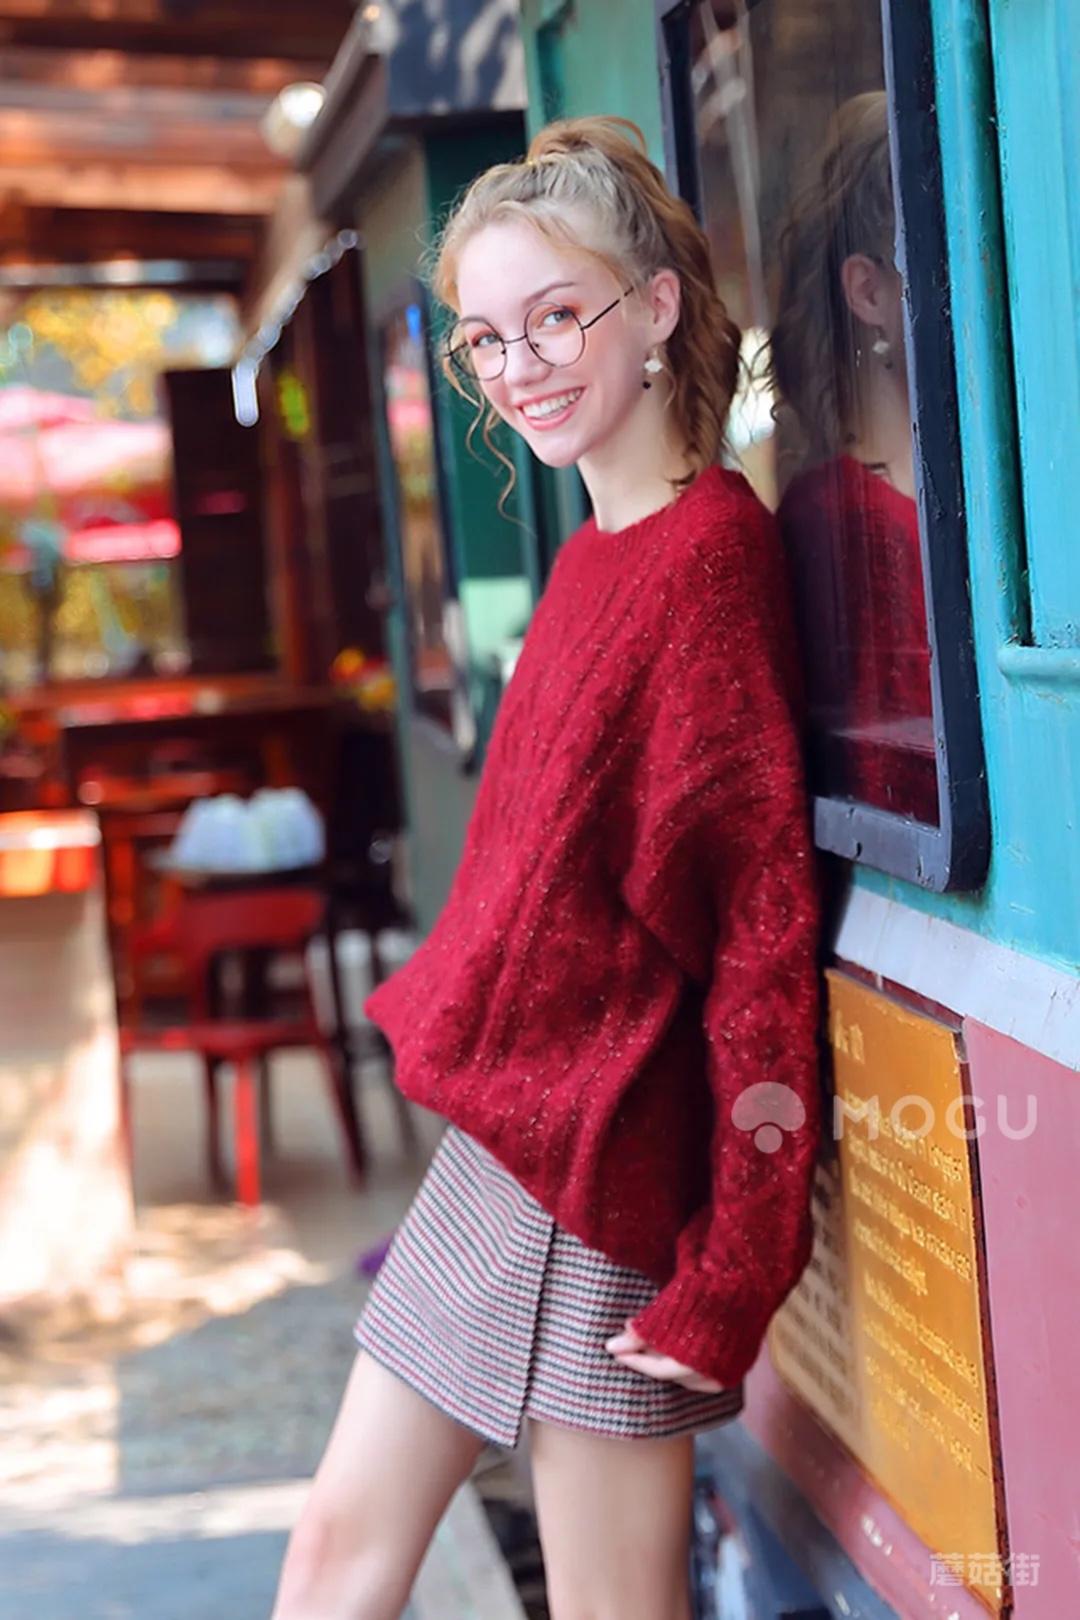 车厘子色的毛衣~新年就要bling~bling的红红火火~哈哈哈哈哈~新年就要开门车厘子红~~~~~#什么值得买#